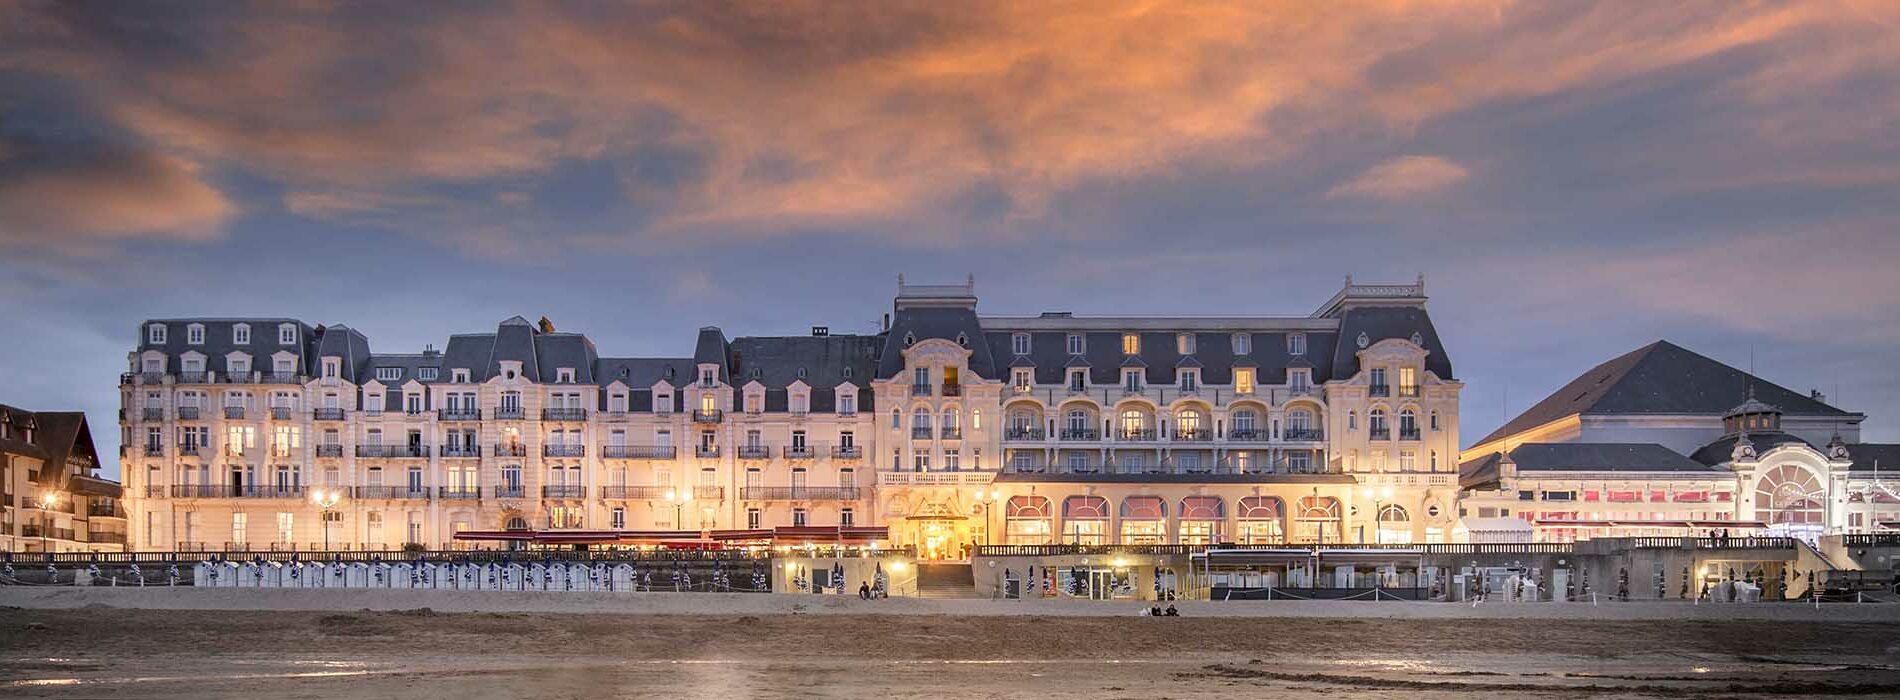 La façade du Grand Hôtel de Cabourg au coucher du soleil